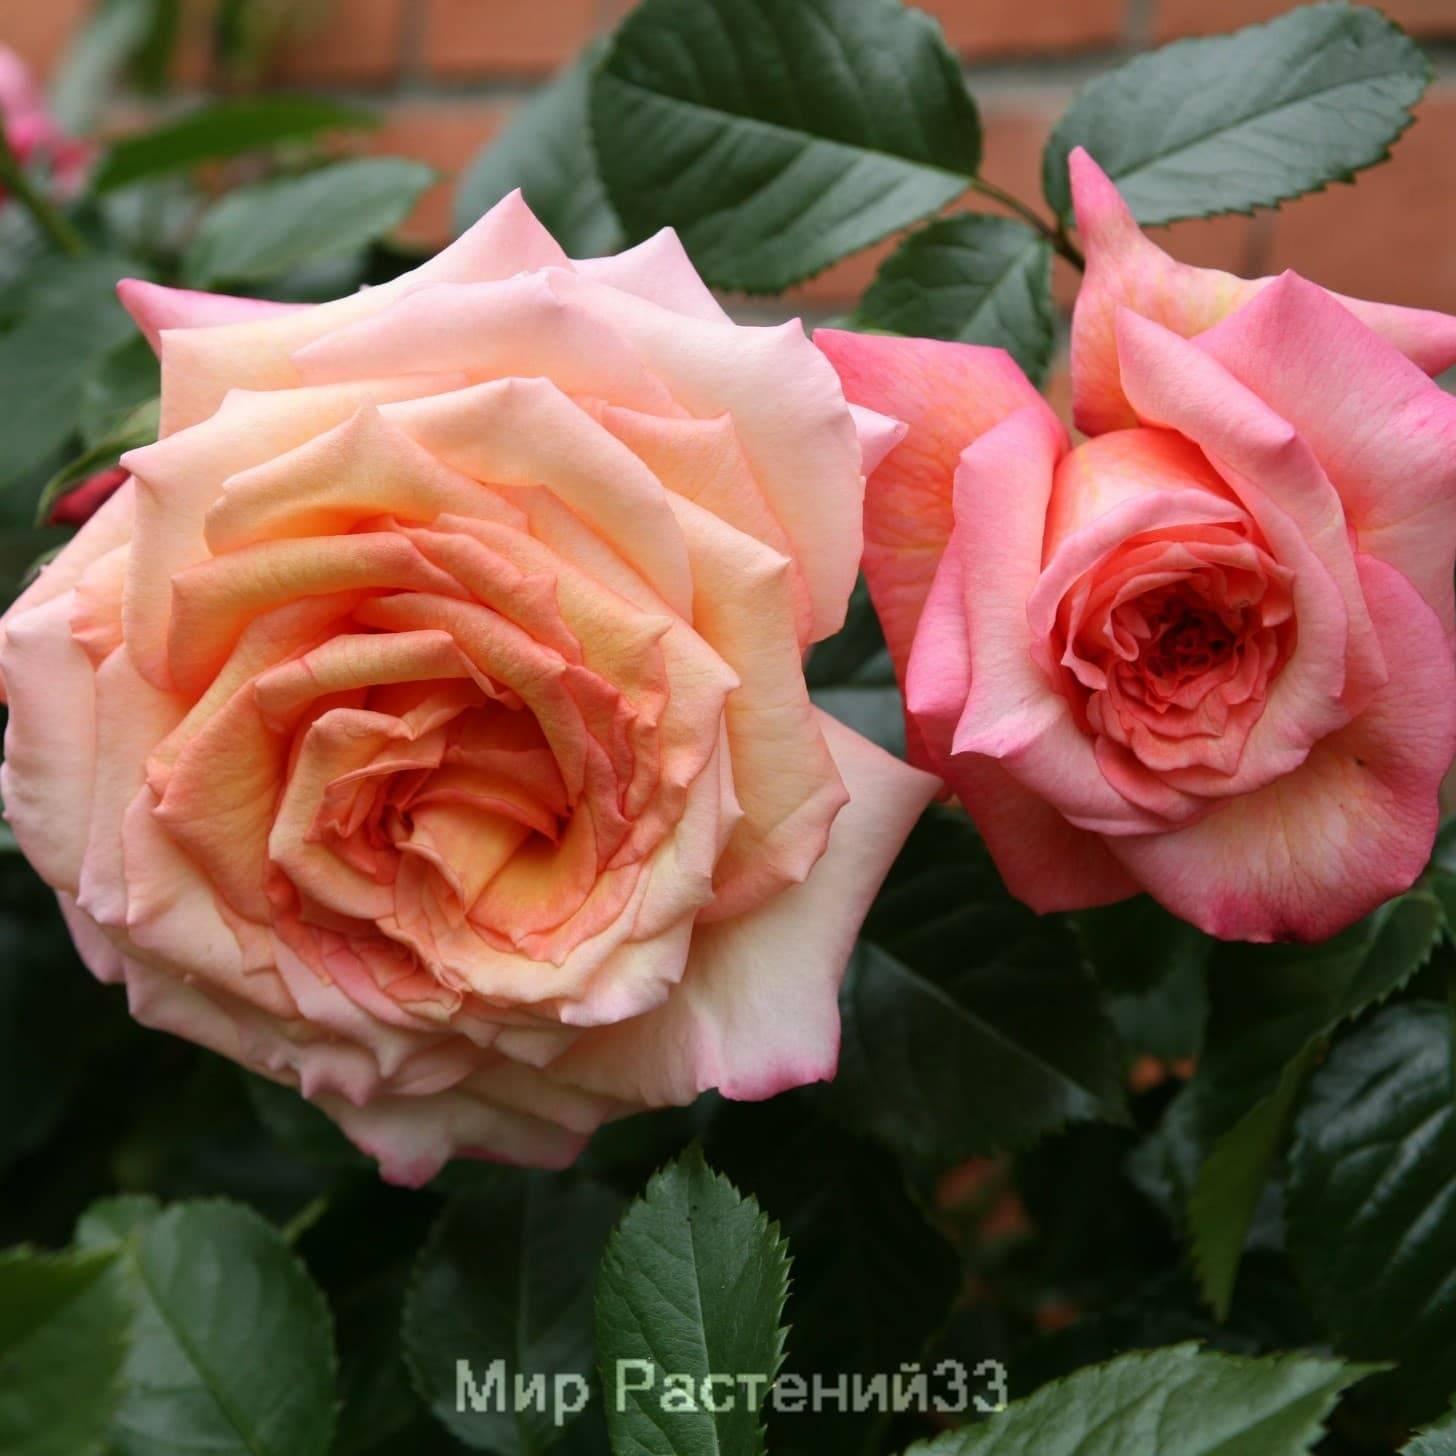 О розе эксцельза (excelsa): описание и характеристики сорта плетистой розы